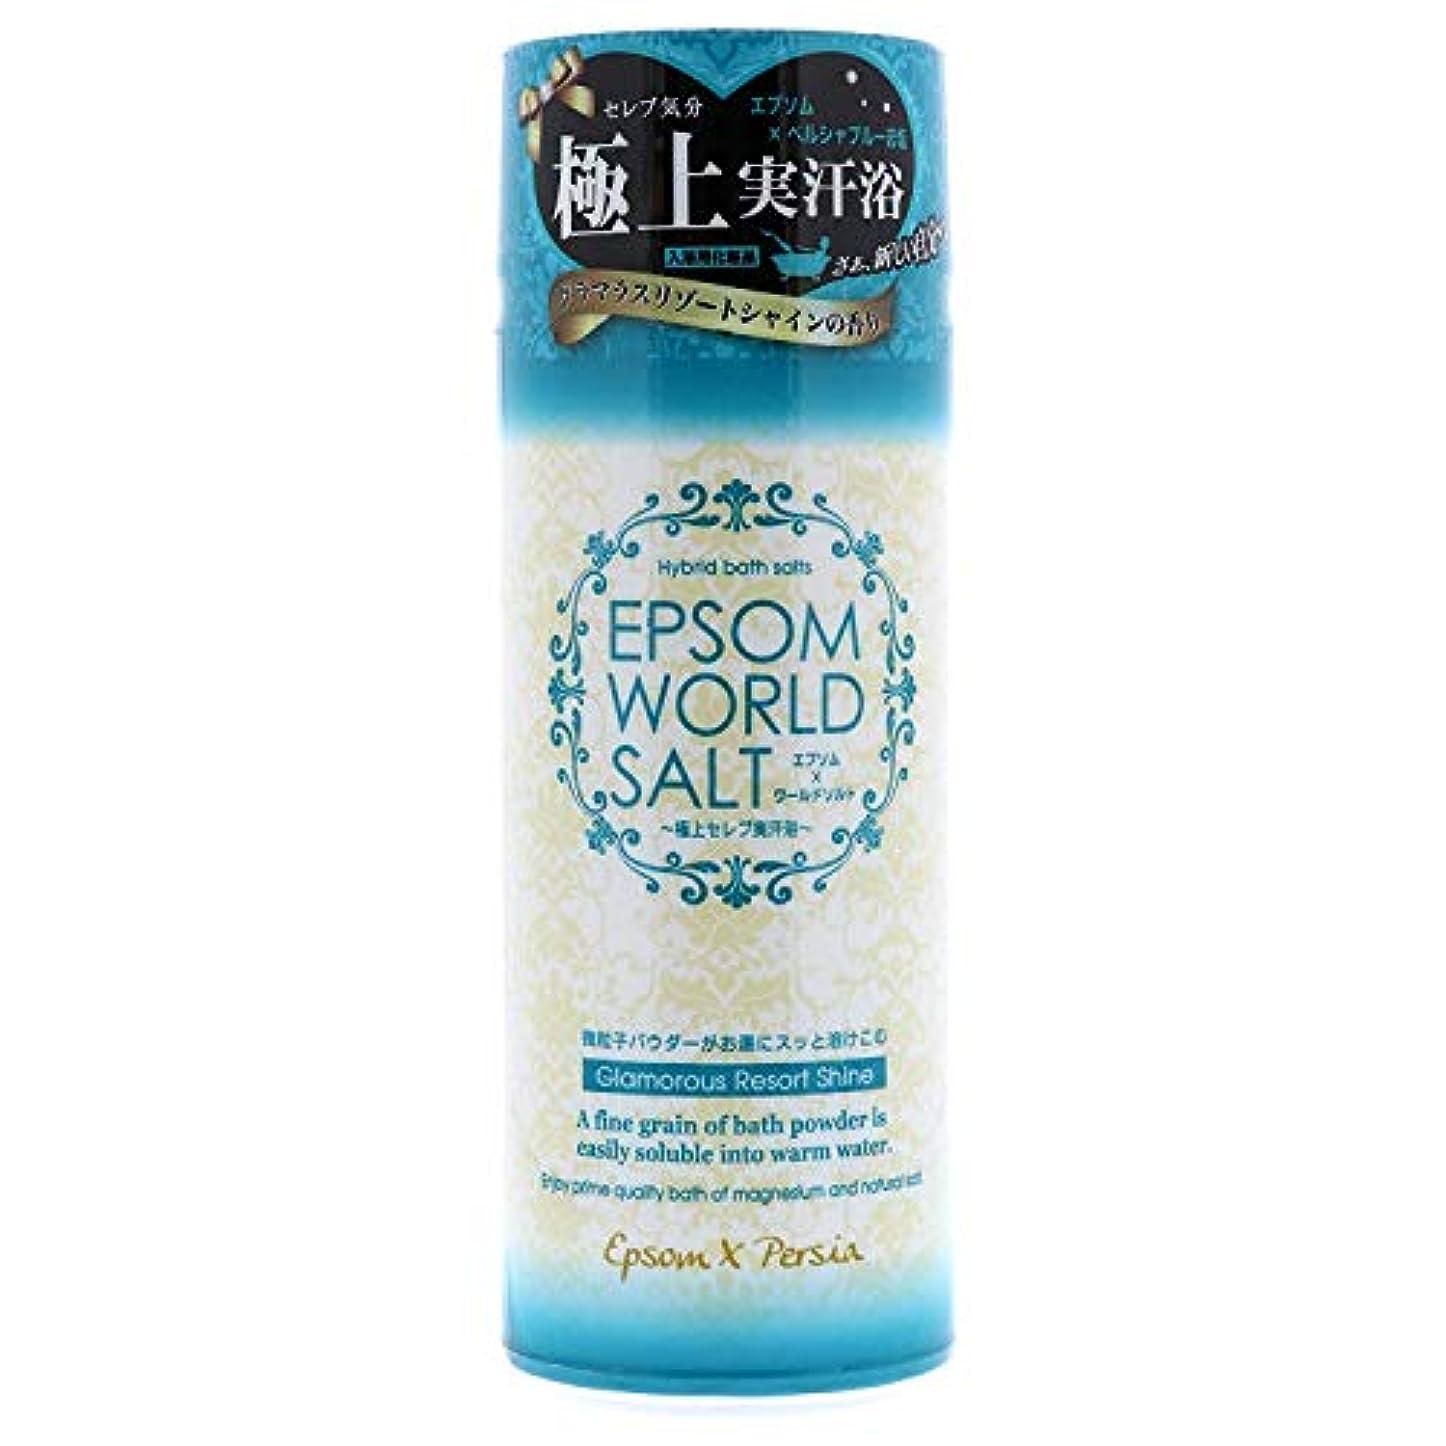 驚くべき具体的に入手しますエプソムワールドソルト グラマラスリゾートシャインの香り ボトル 500g